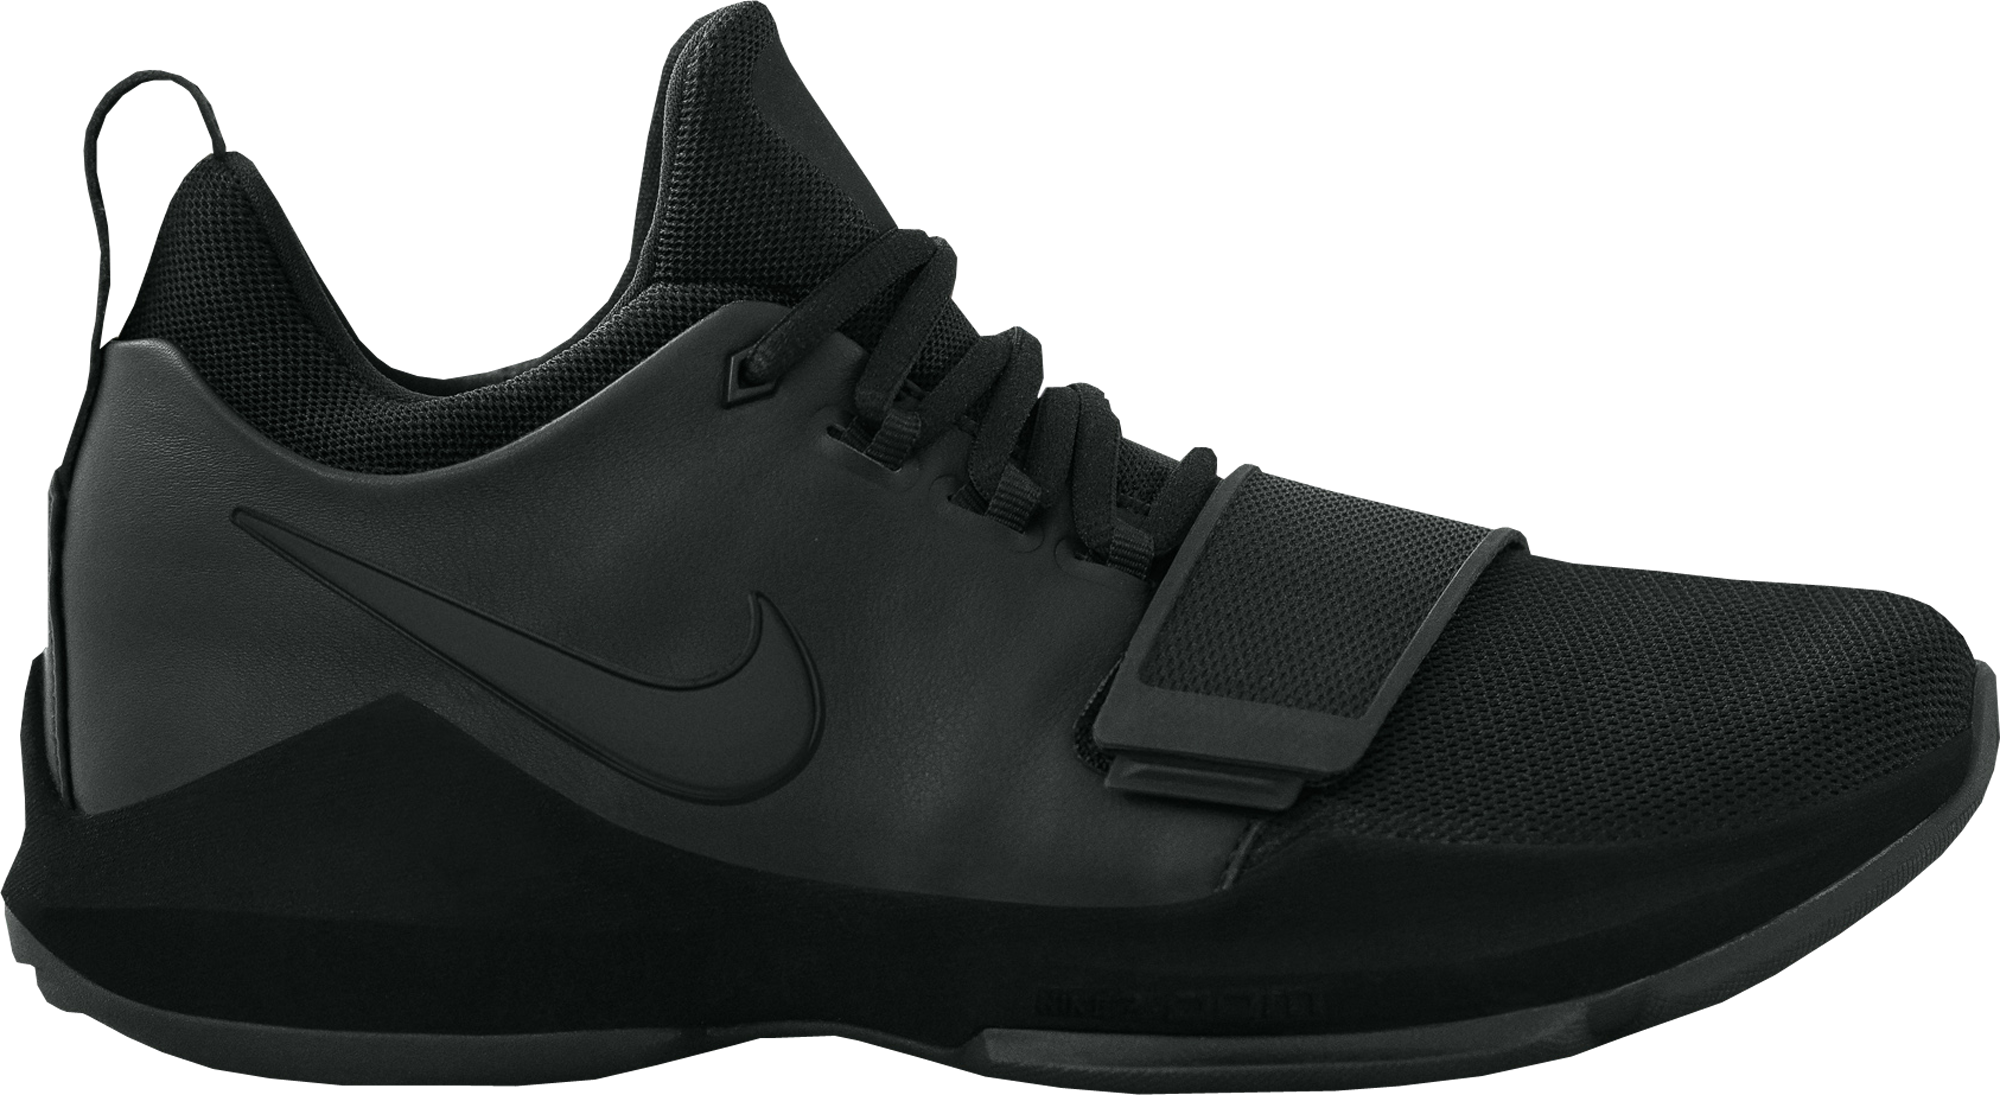 Nike PG 1 BHM - StockX News